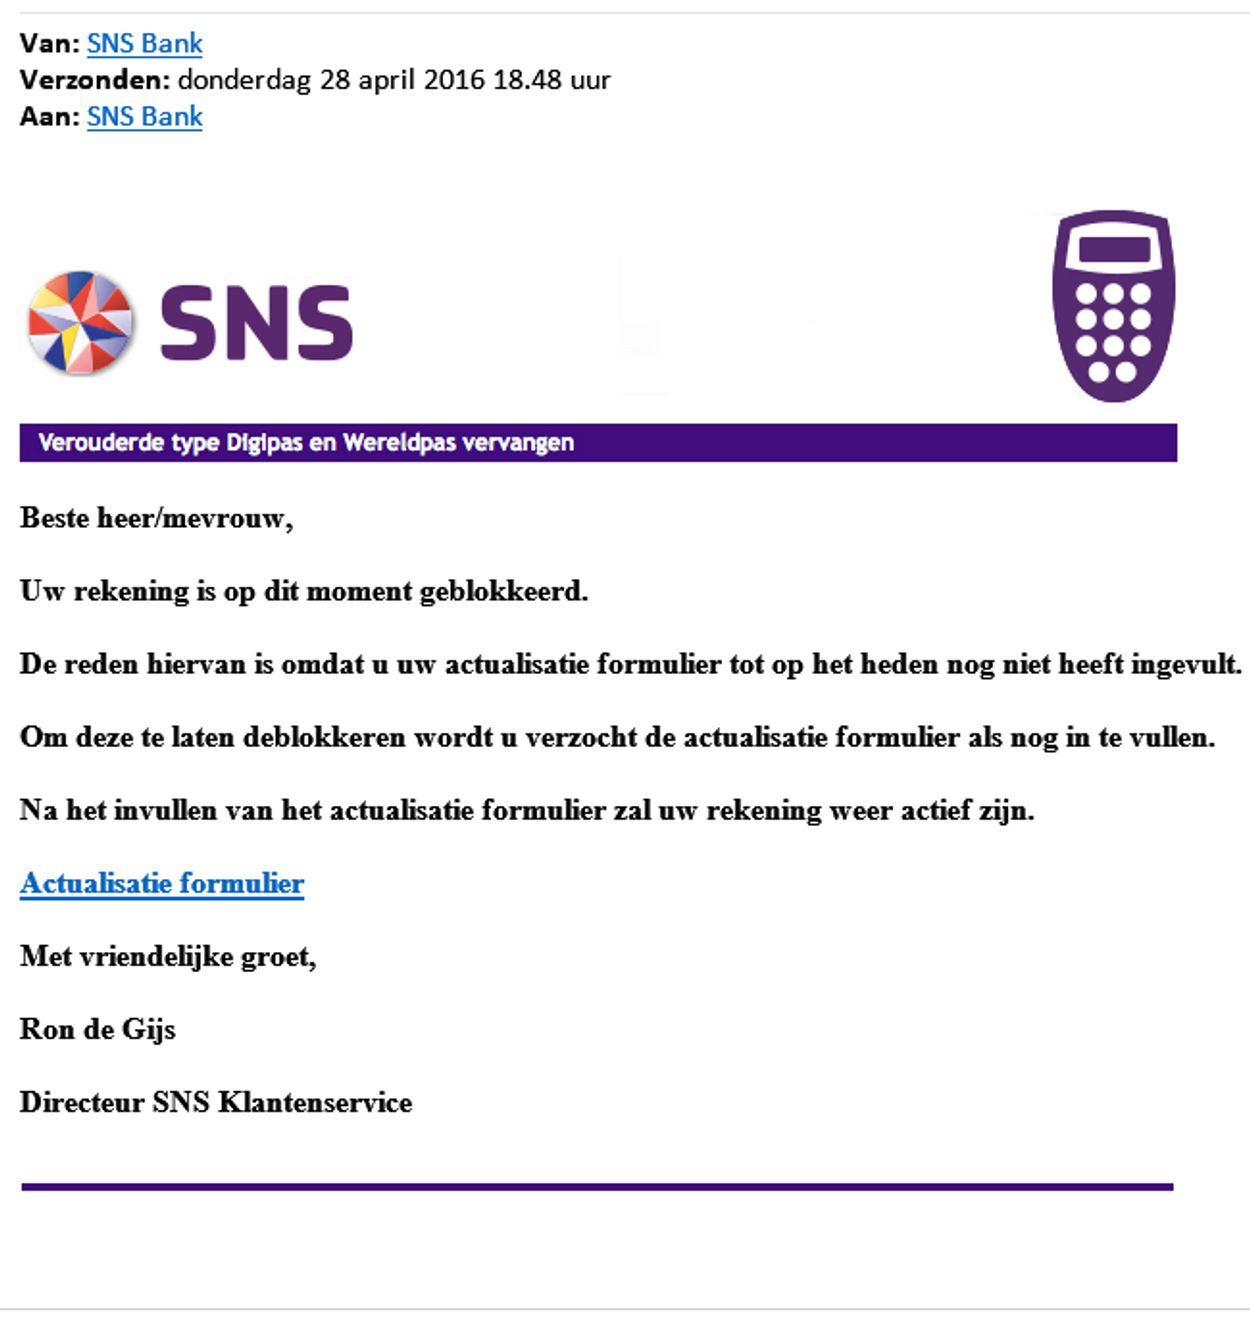 SNS-Uw-rekening-wordt-op-dit-moment-geblokkeerd phishing